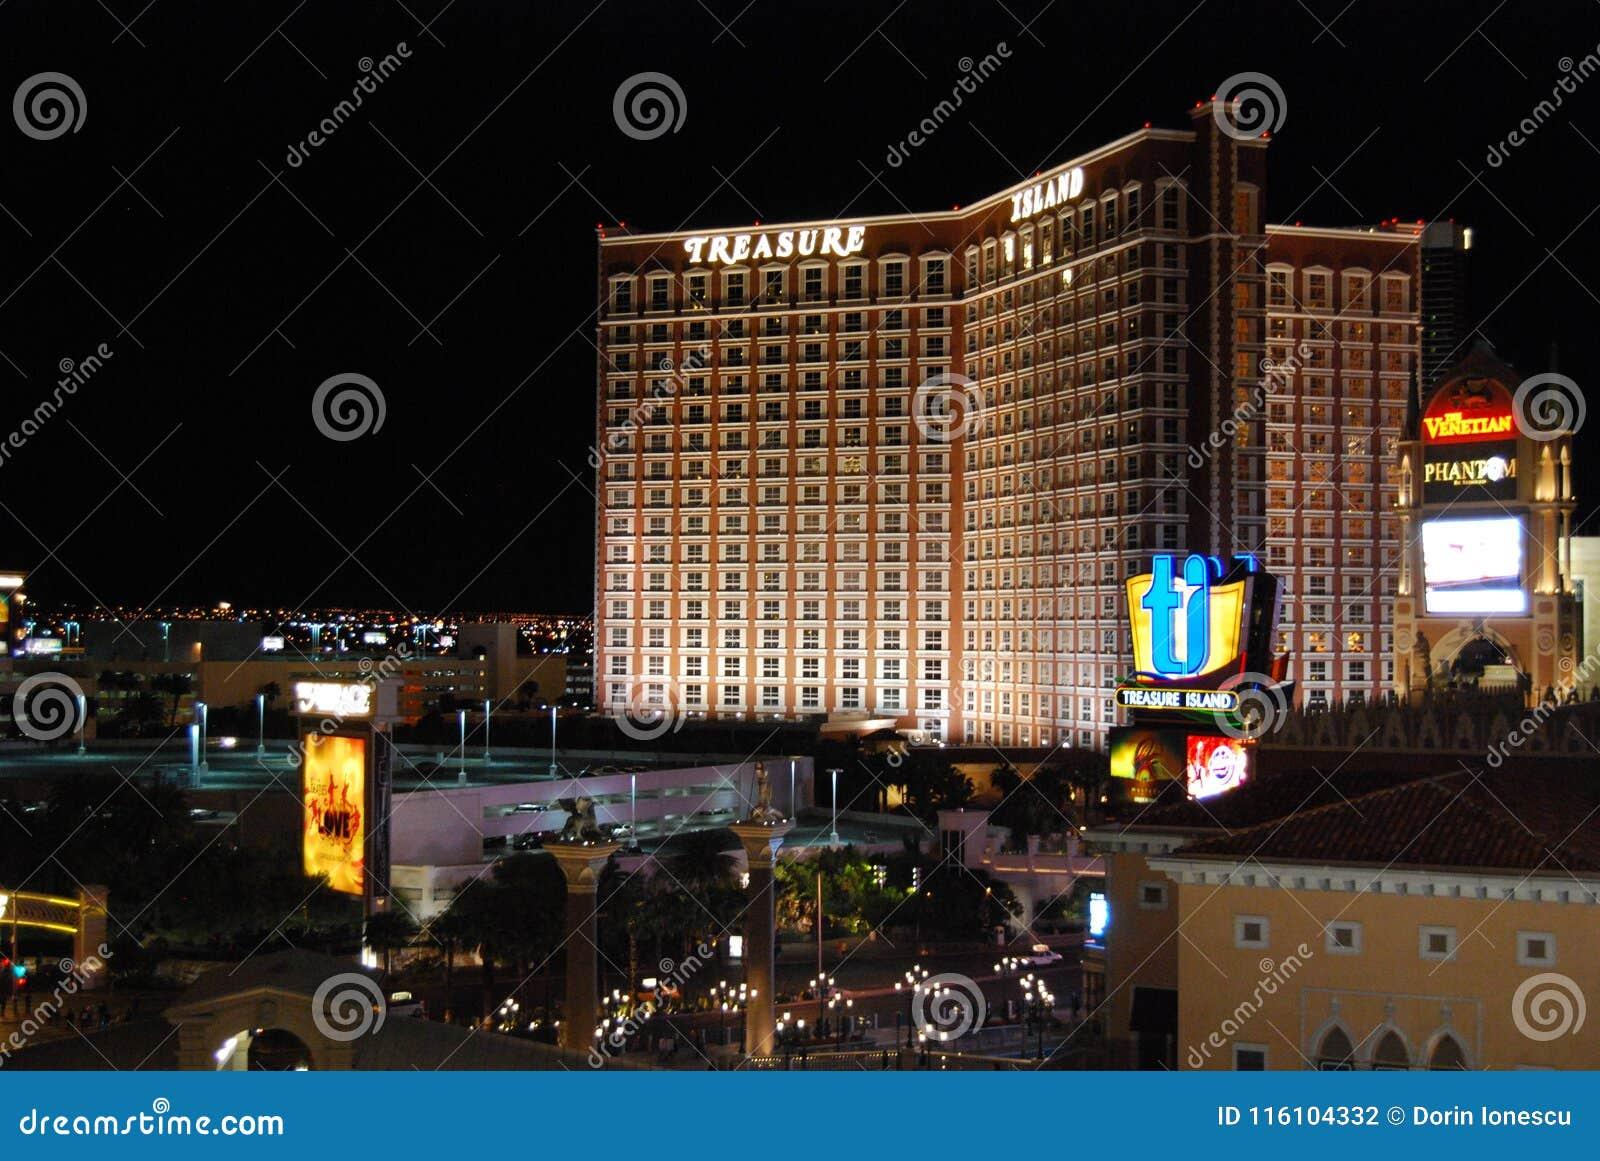 Διεθνής αερολιμένας McCarran, Λας Βέγκας, Las Vegas Strip, το Palazzo, μητροπολιτική περιοχή, νύχτα, πόλη, μητρόπολη